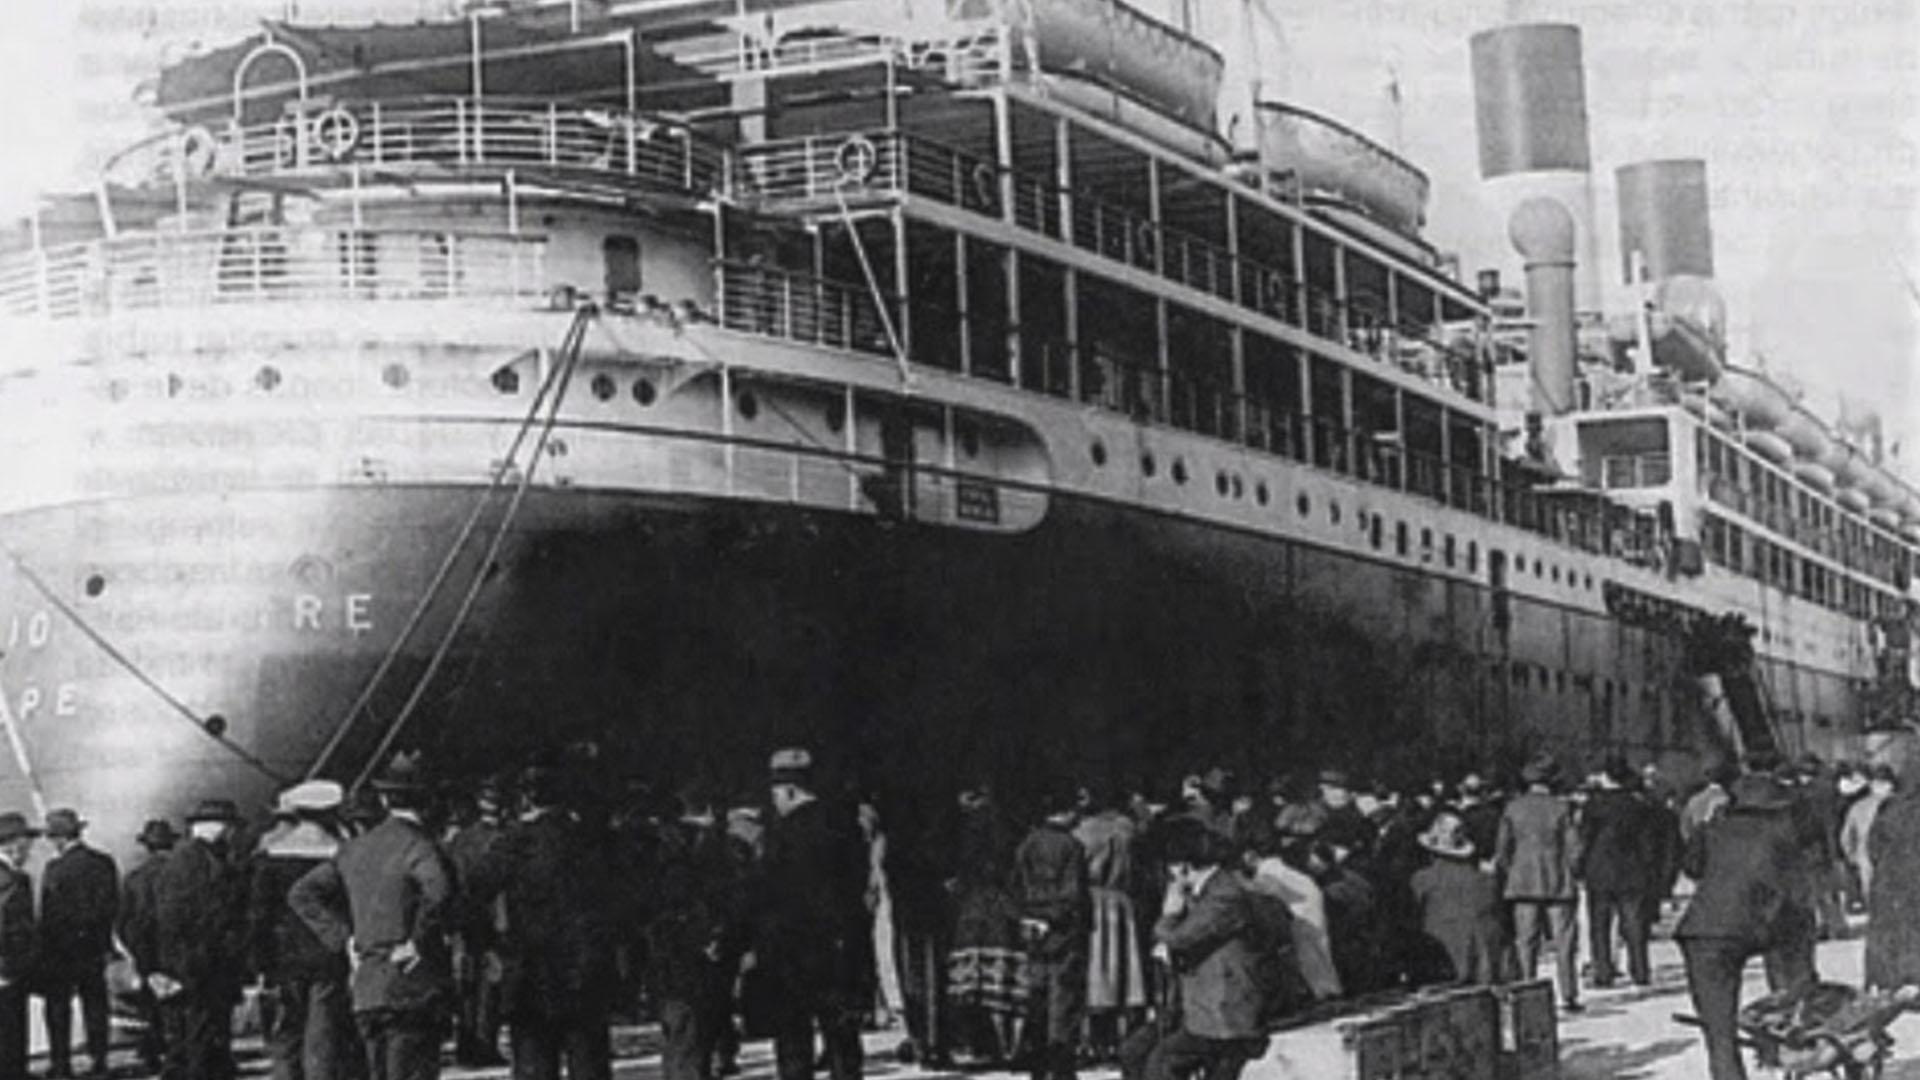 La gran inmigración ultramarina proveniente de Europa comenzó alrededor del 1880